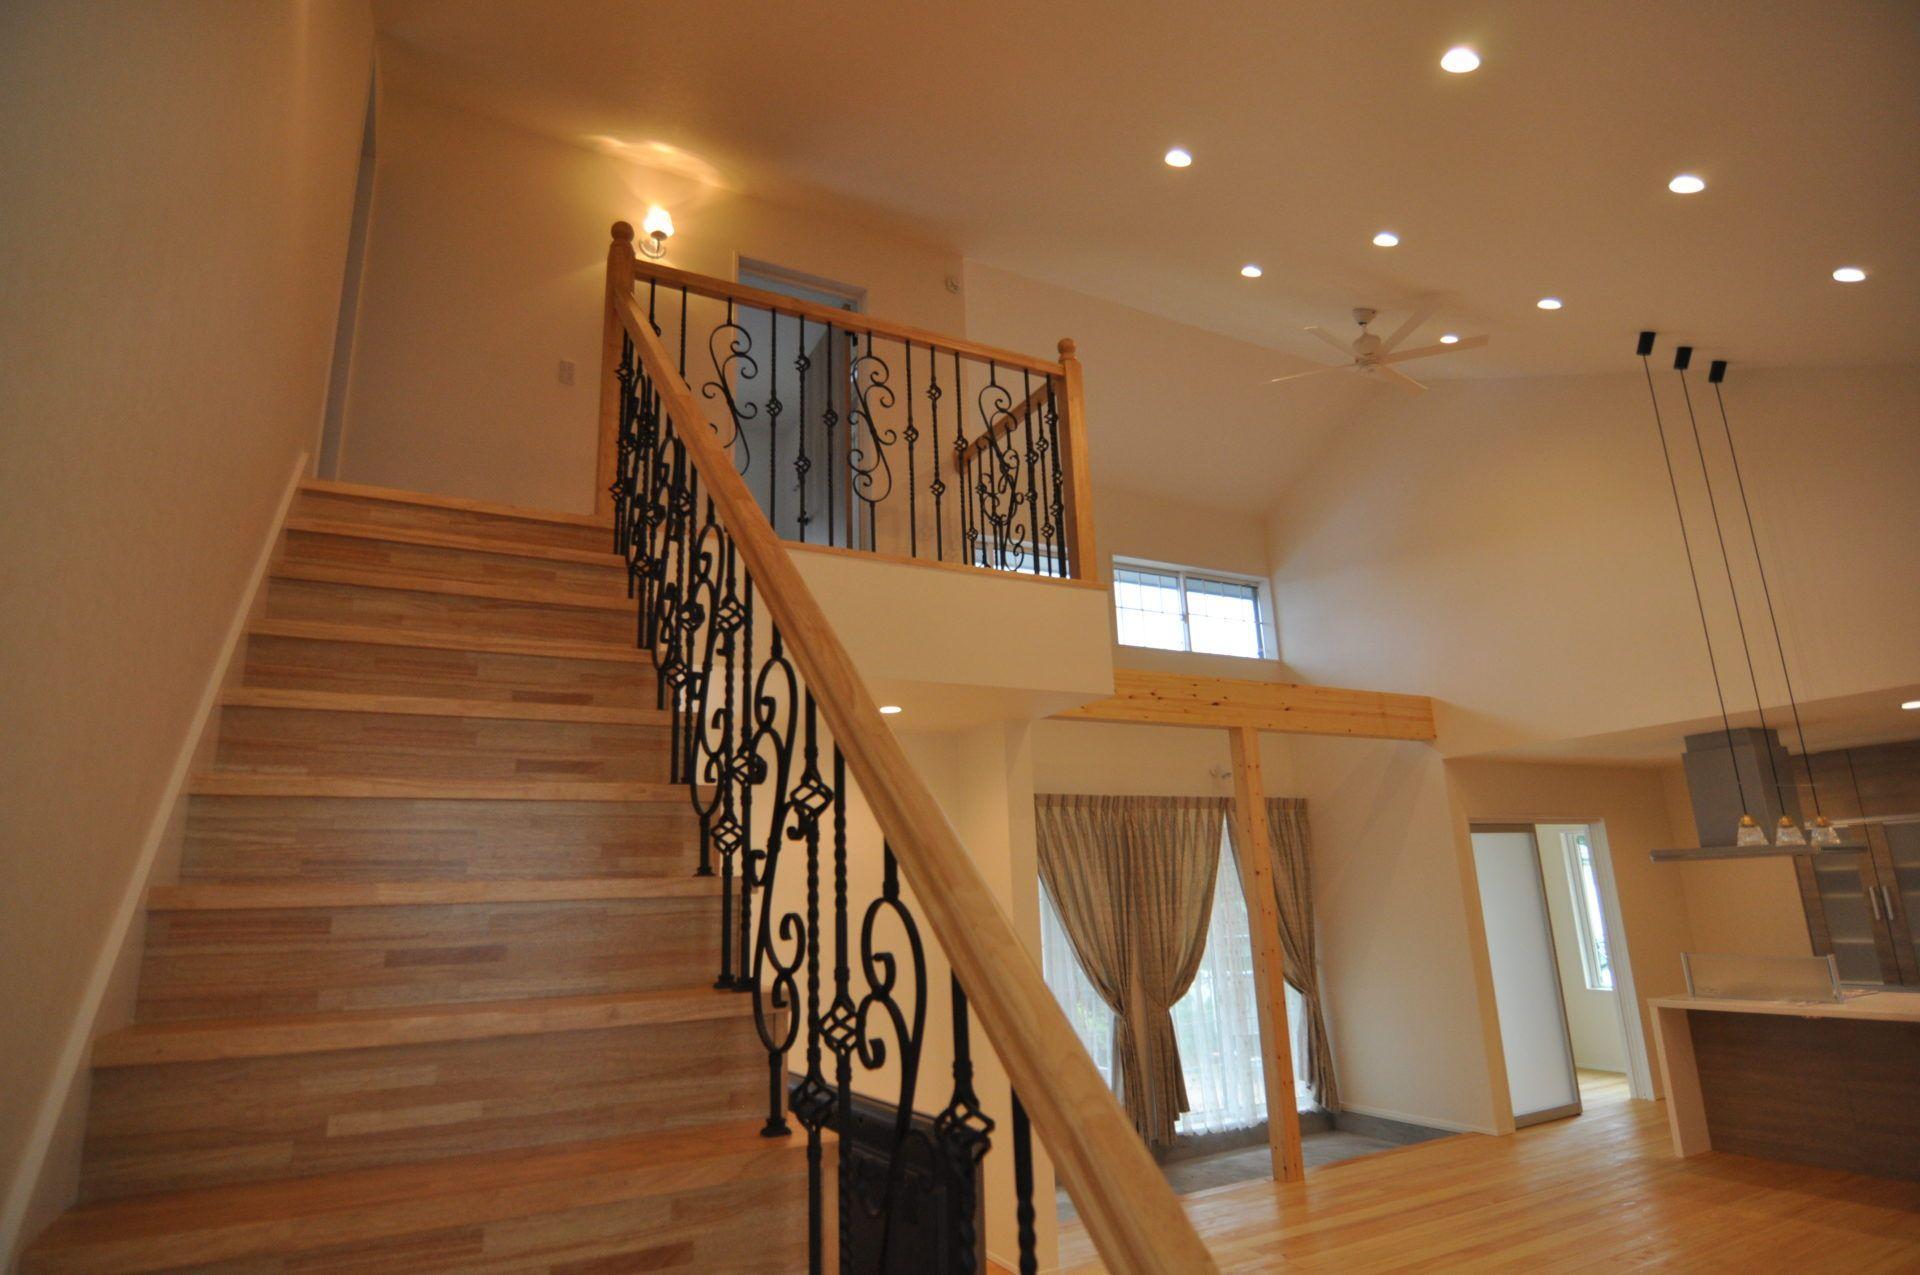 有限会社 市川建築店 1級建築士事務所「三条市 I様邸」のシンプル・ナチュラル・北欧風な階段の実例写真